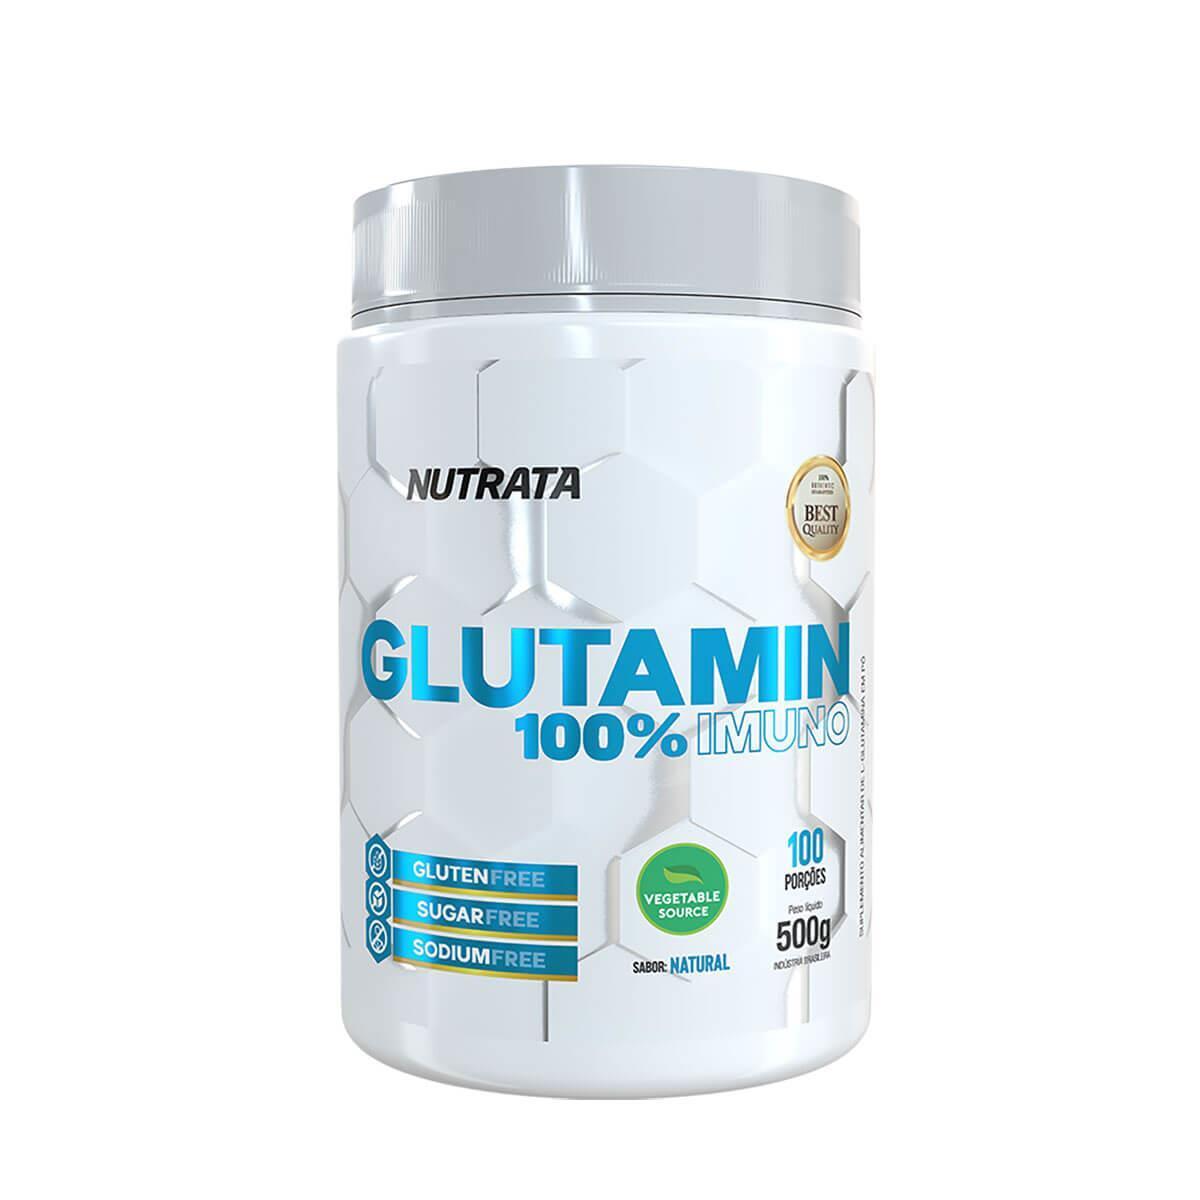 Glutamin Up 500g Nutrata